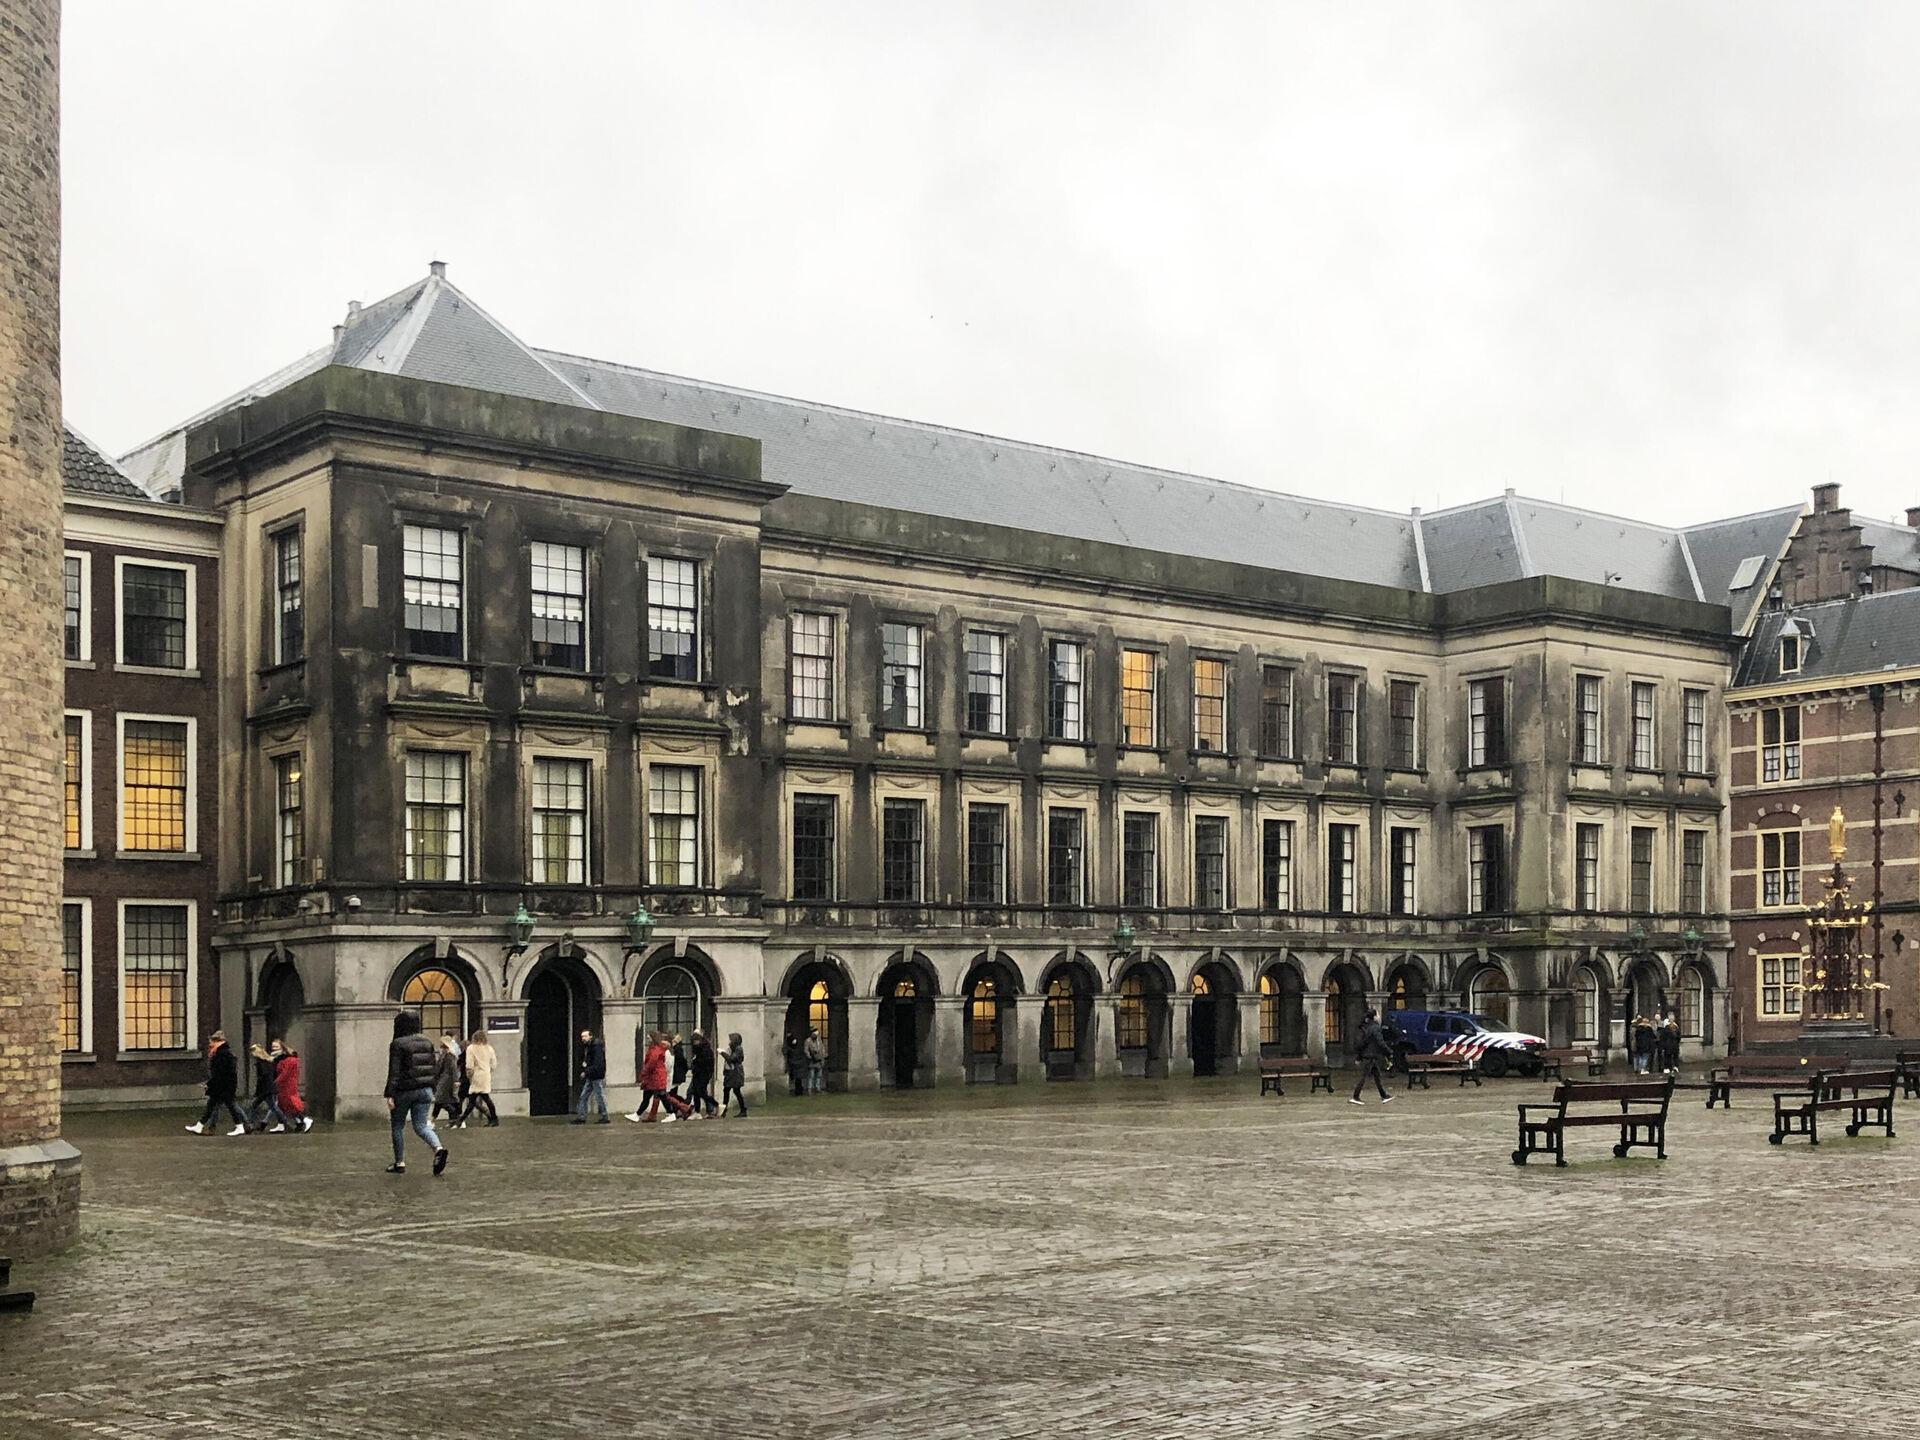 BiermanHenket starts renovation planning for a section of the Tweede Kamer (Netherlands House of Representatives)